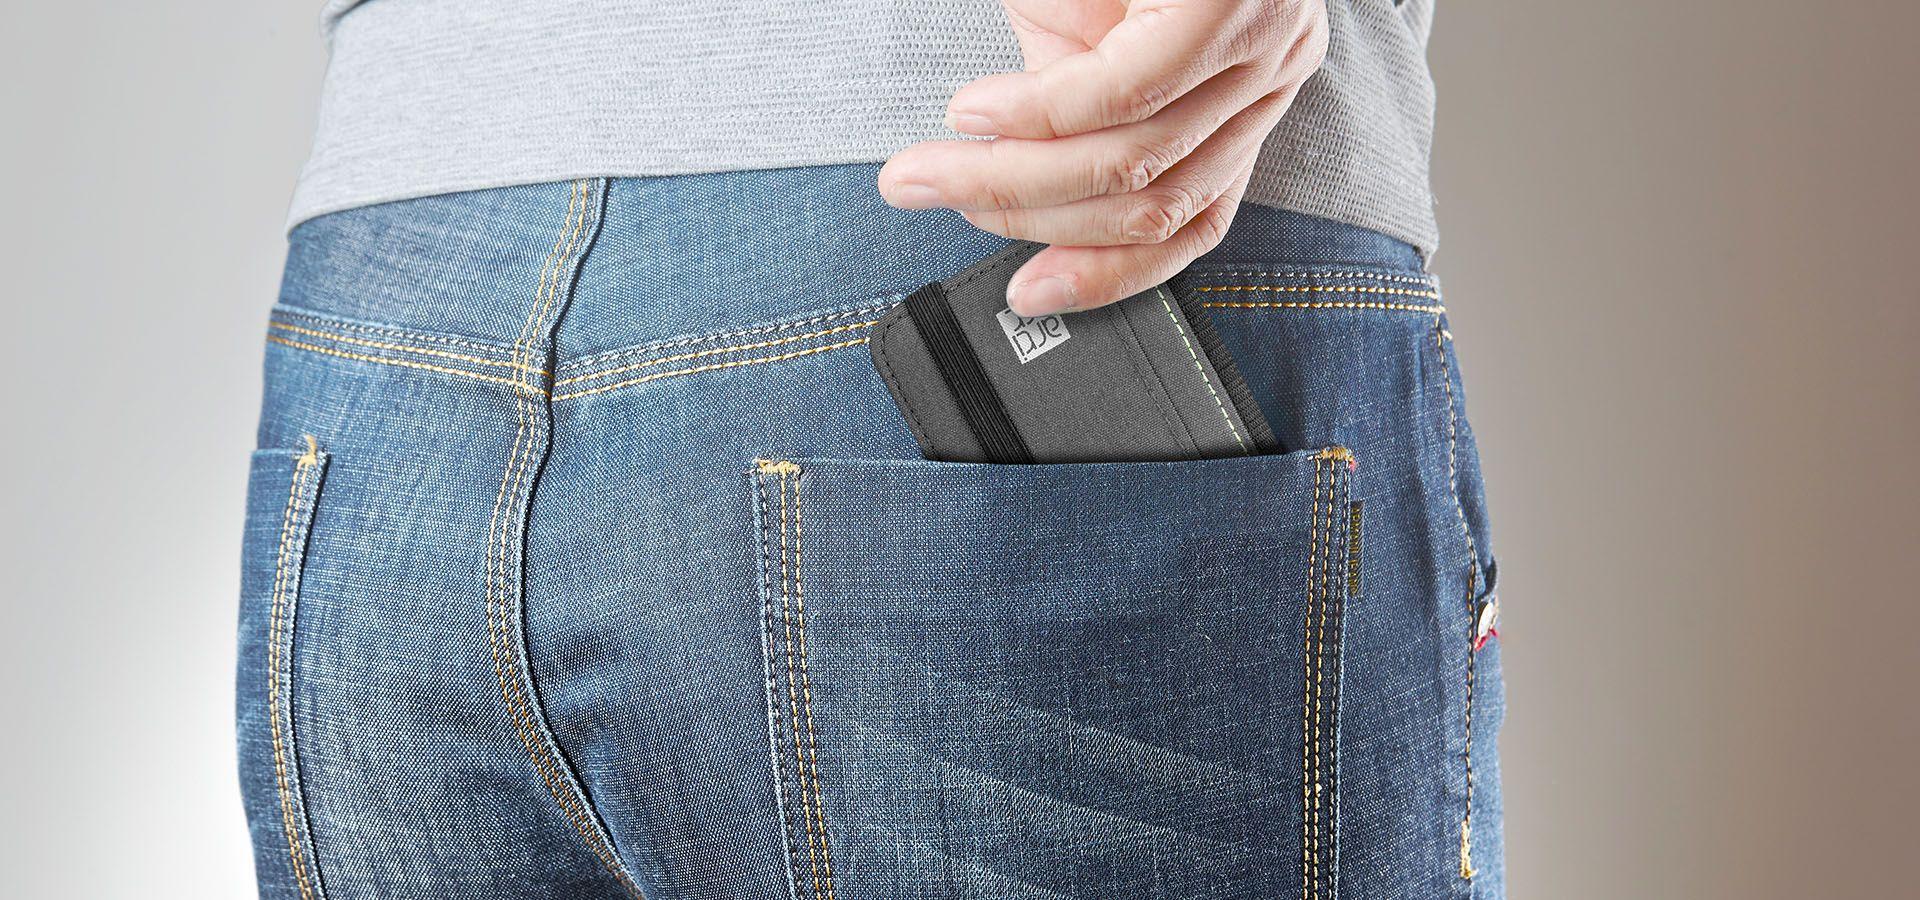 MULTI-Functional wallet